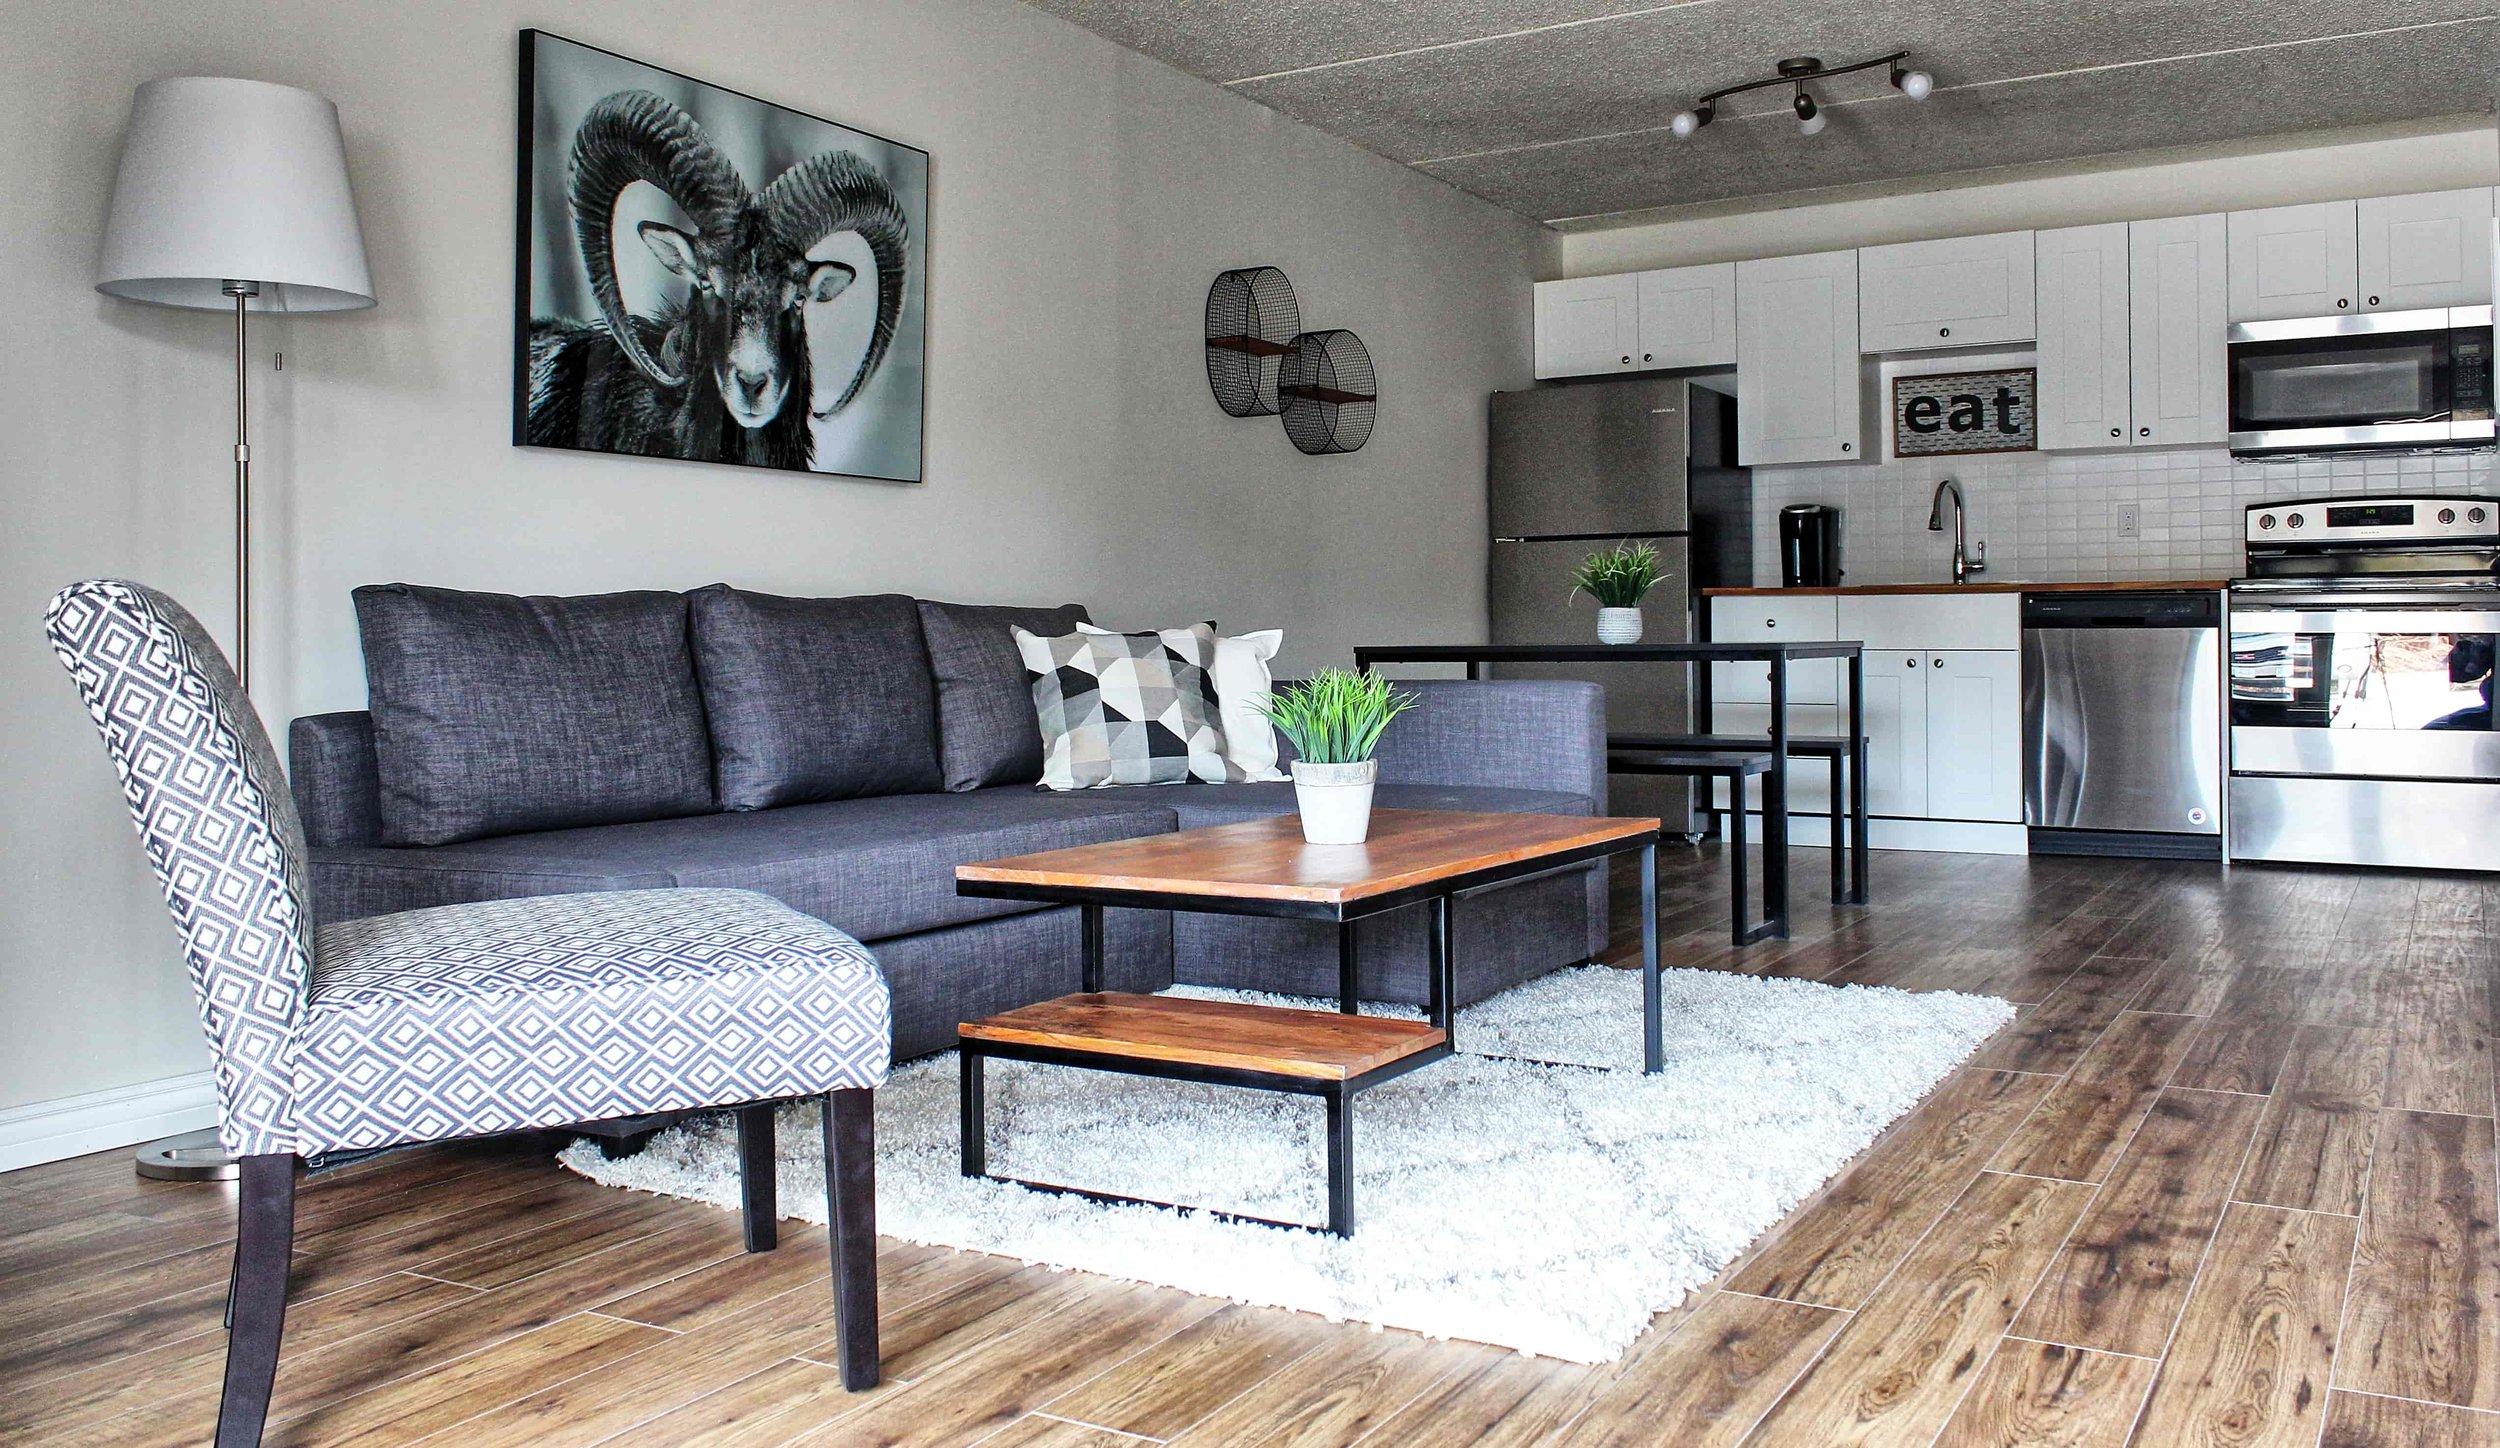 01 Living Room - Main-min.jpg